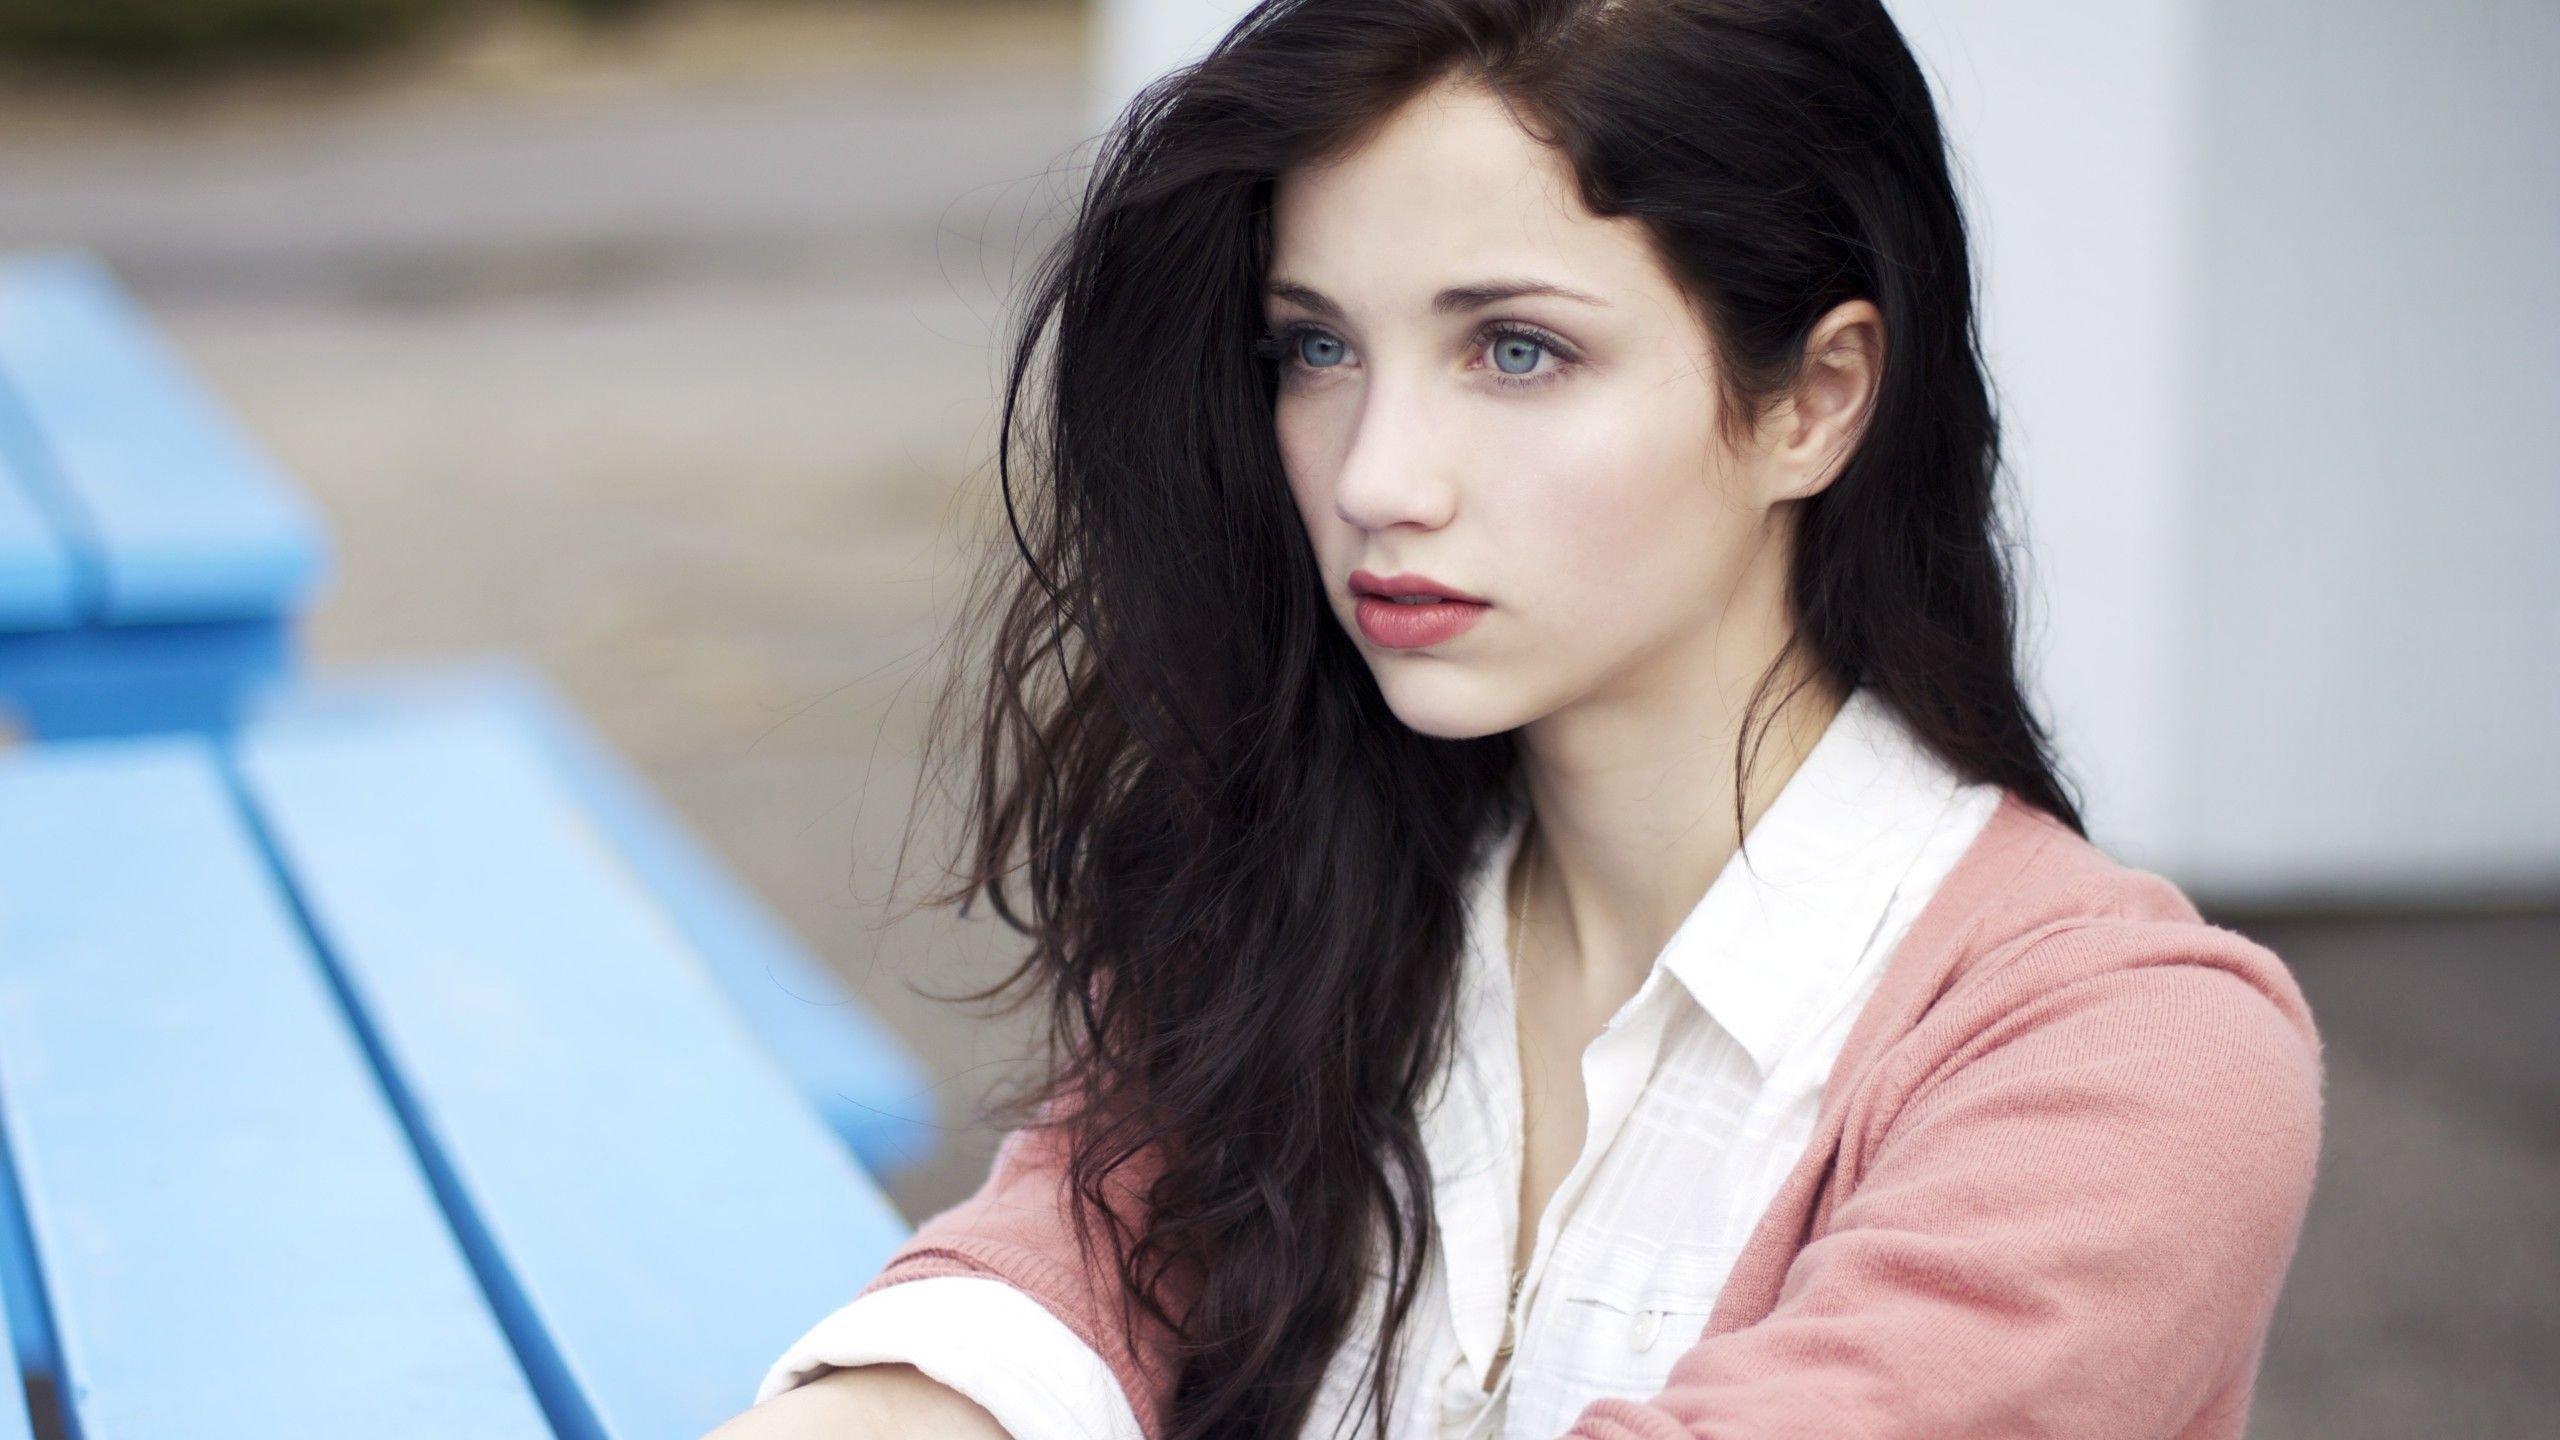 Фото одной красивой девушке 9 фотография